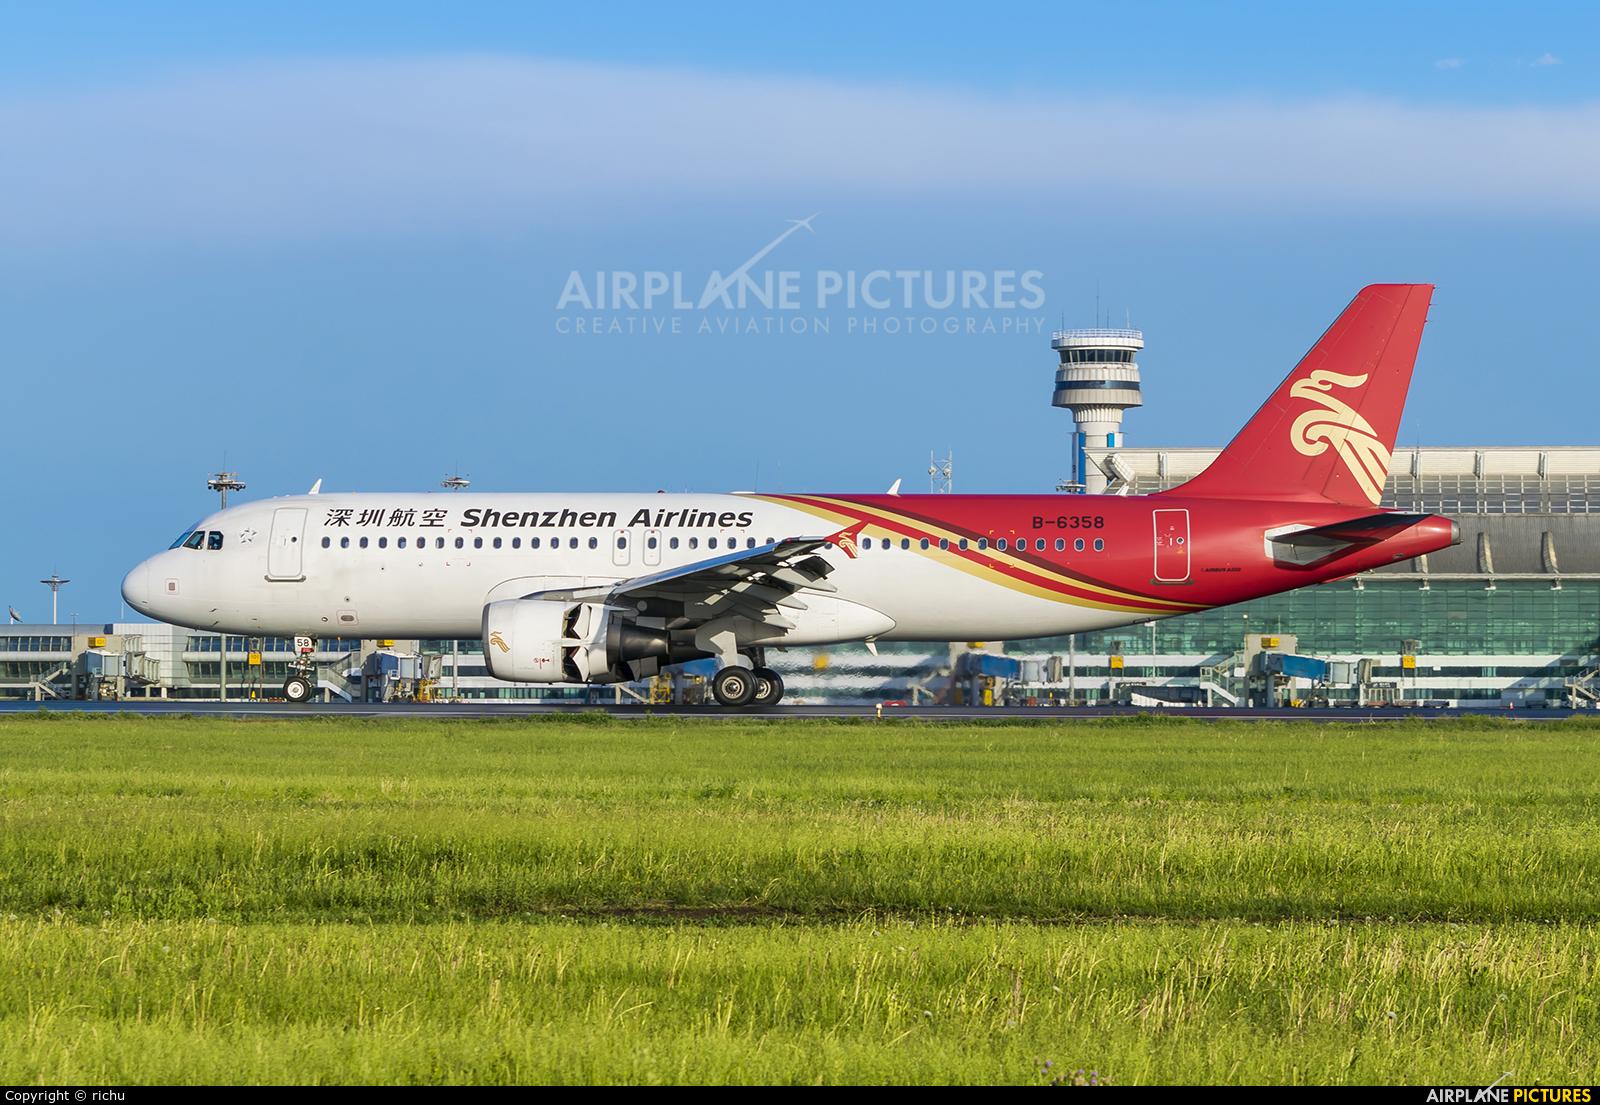 Shenzhen Airlines B-6358 aircraft at Shenyang-Taoxian